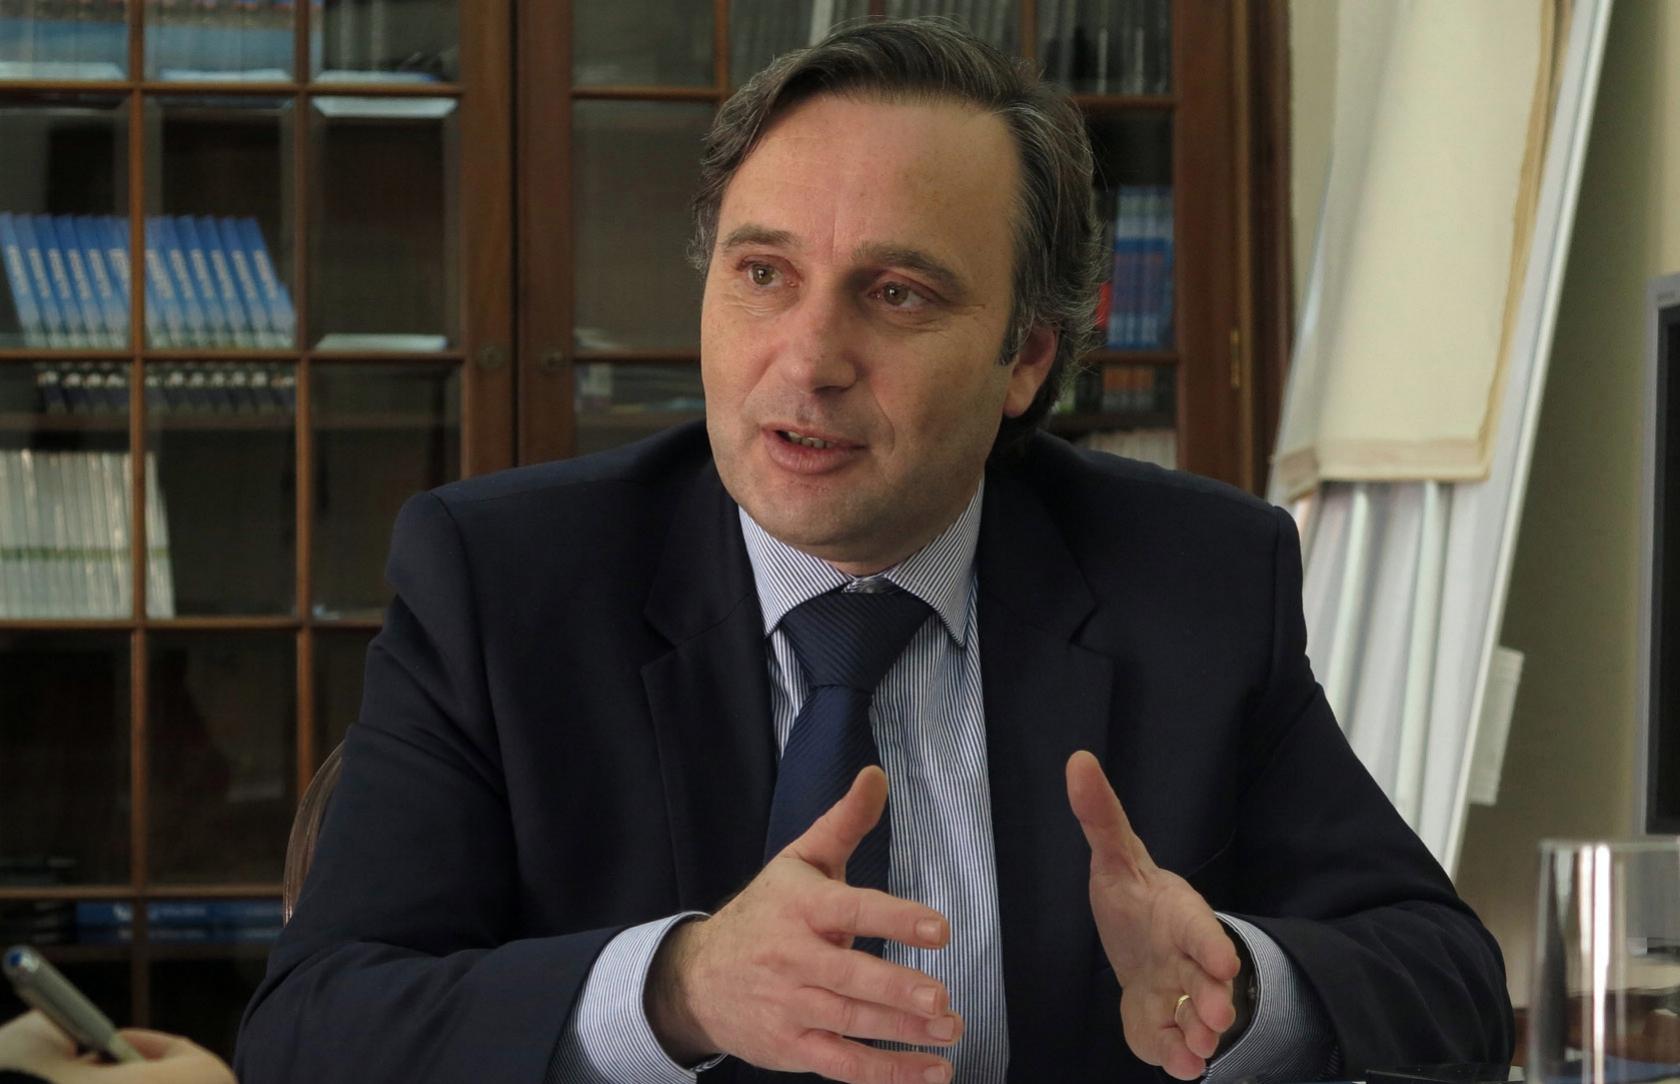 Novo modelo de acessibilidades gera expectativas de crescimento para o Turismo em Espaço Rural, afirma Vítor Fraga